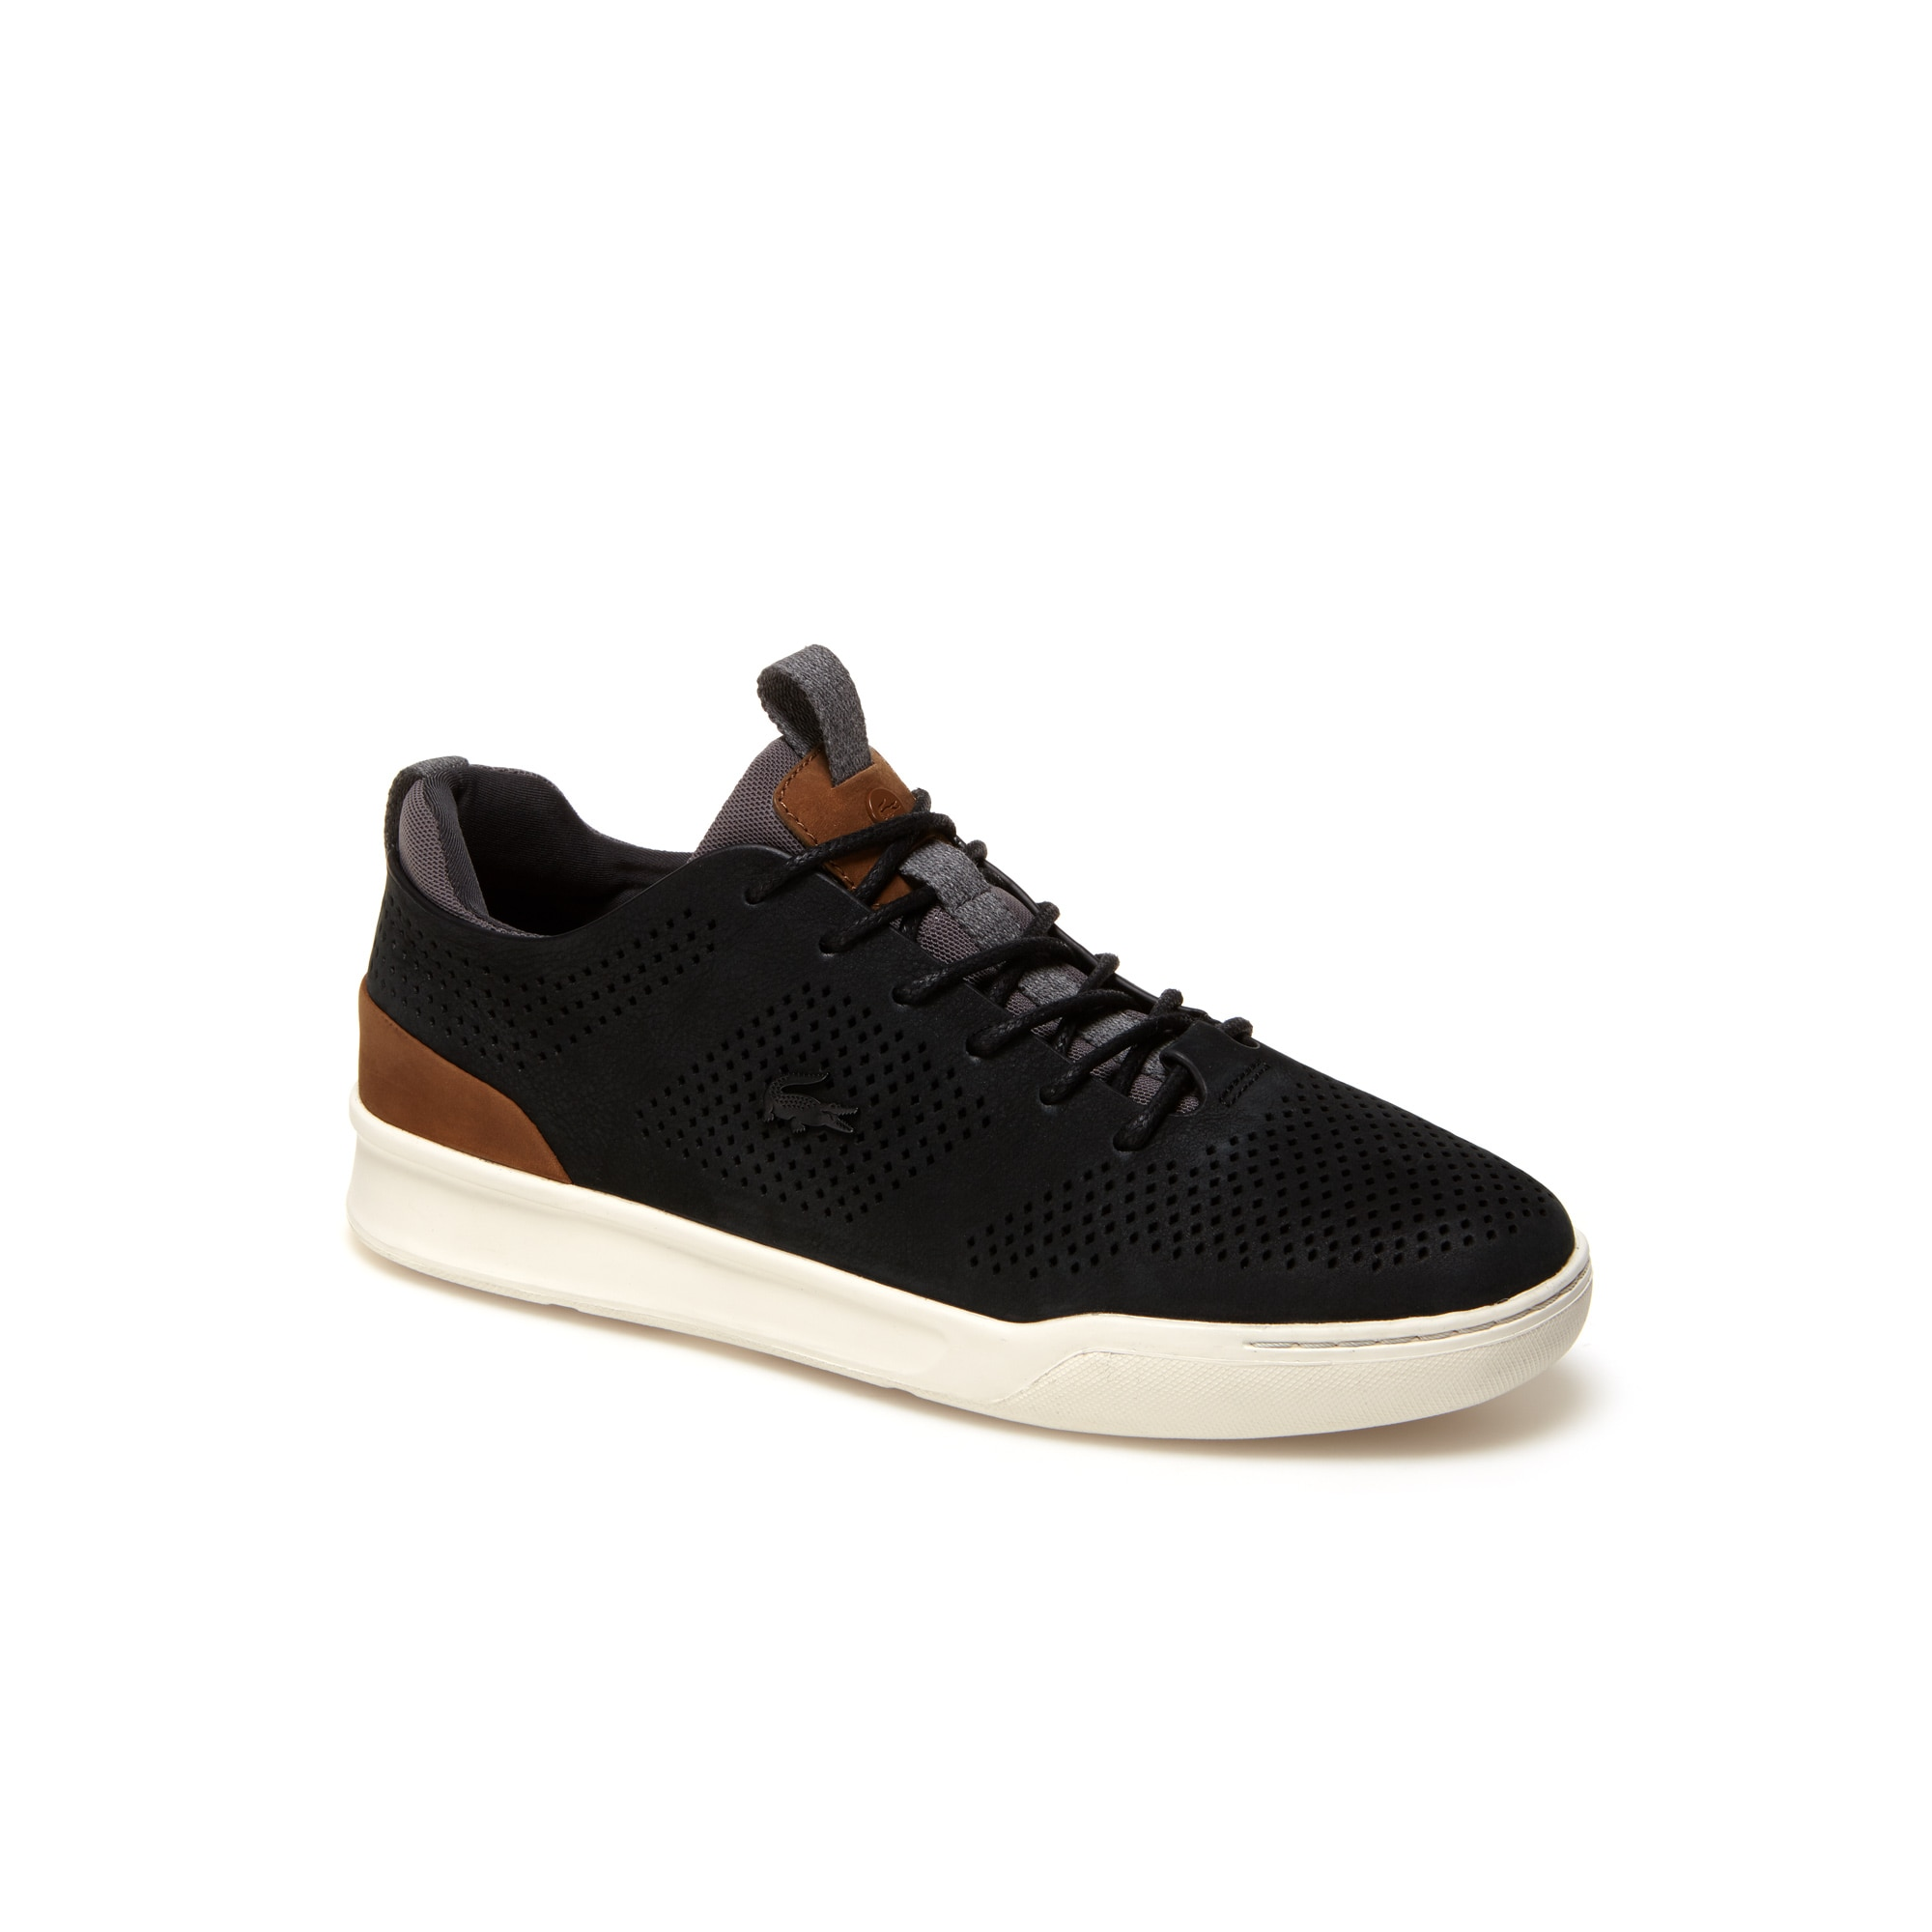 6c6ad2bffaa17 Men s L.12.12 Lightweight Sneakers